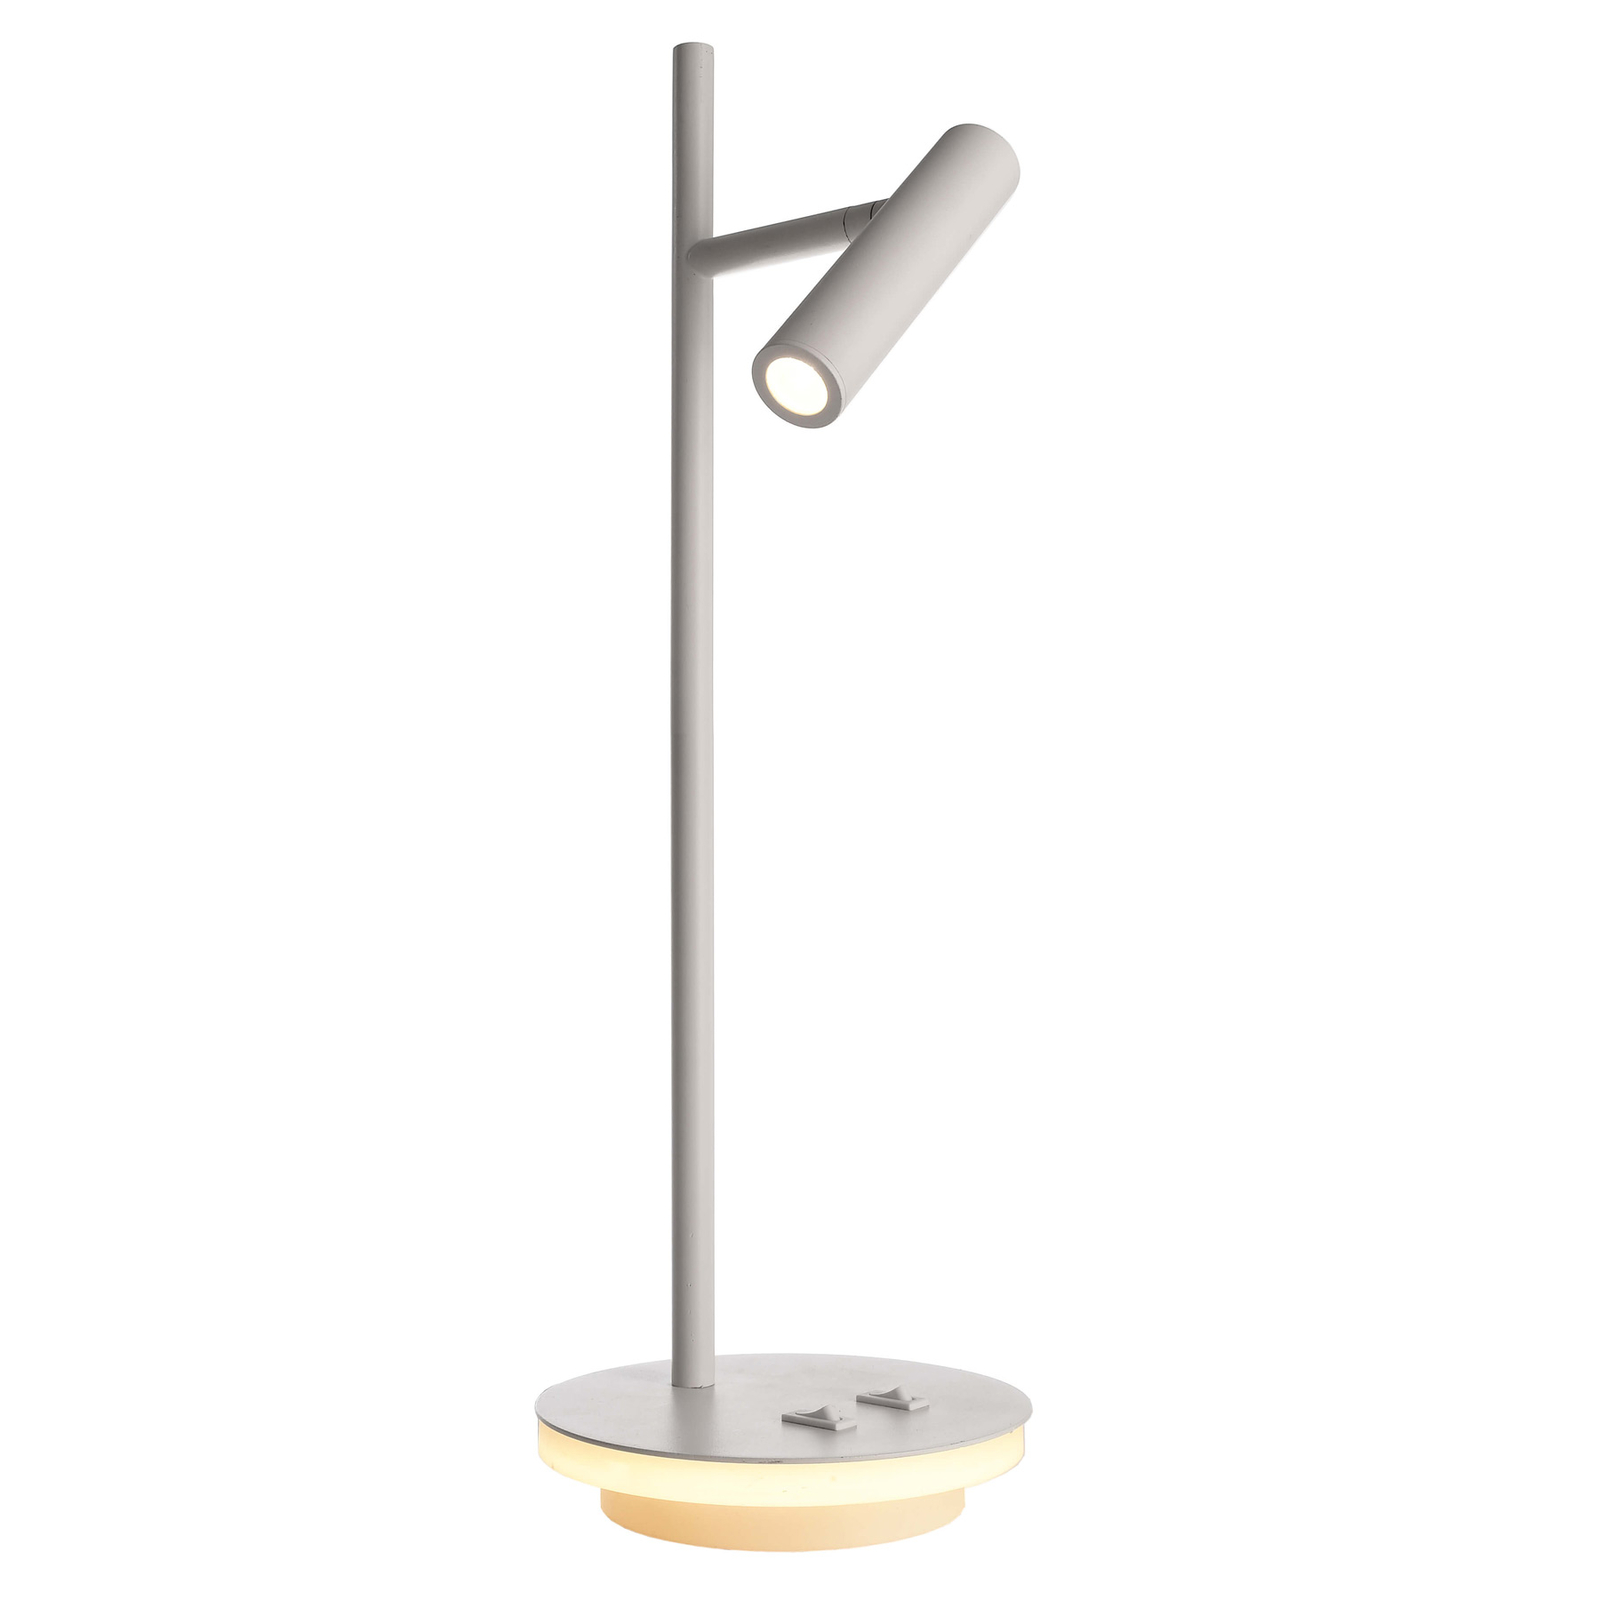 LED-Tischleuchte Brahe, weiß